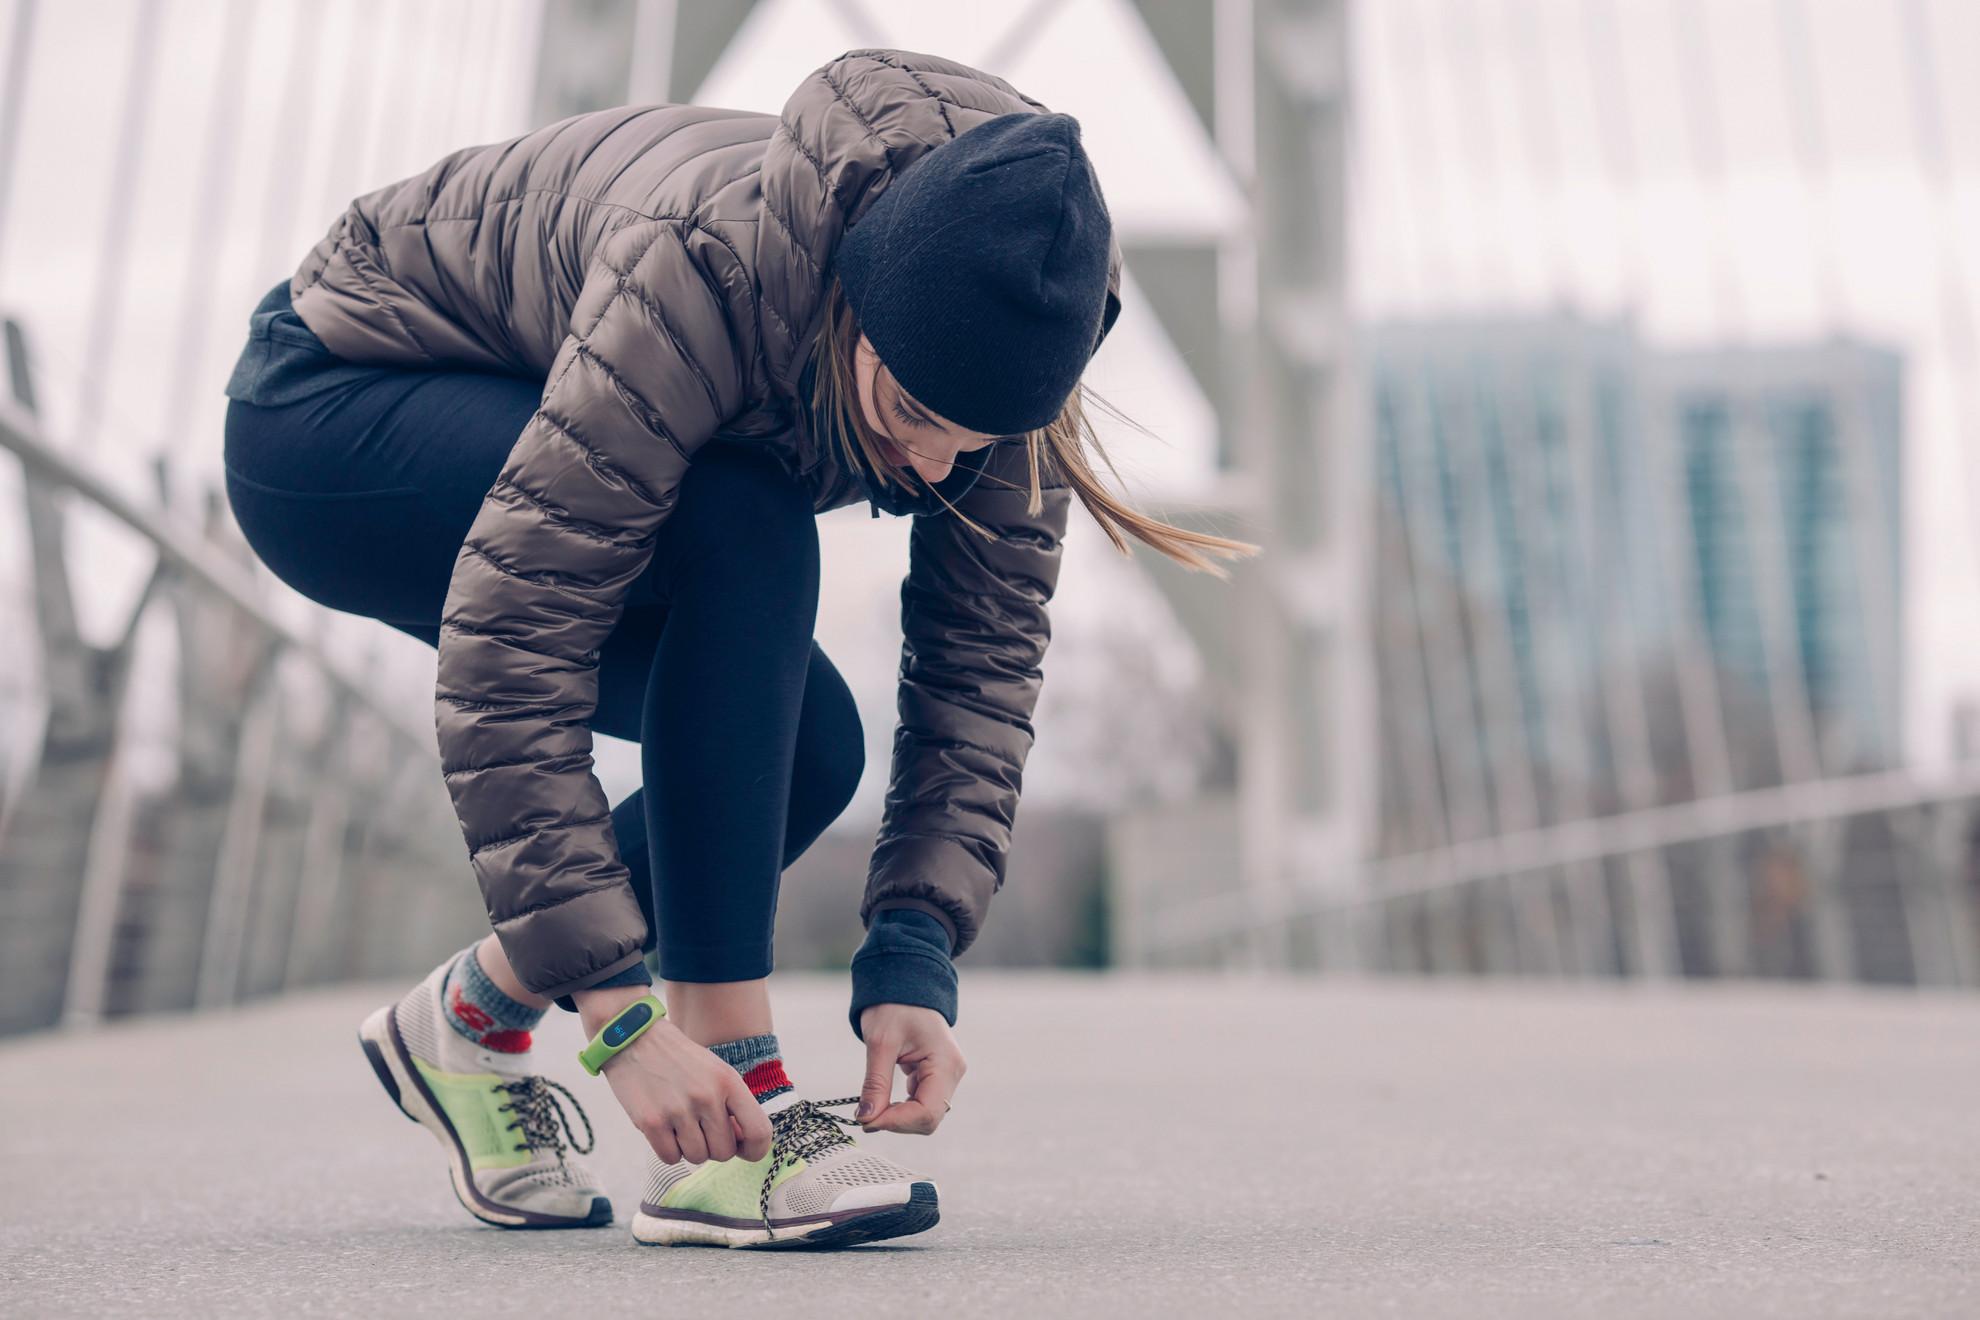 Hiába kedvenc sportunk a futás, szmogos időben nem árt kihagyni